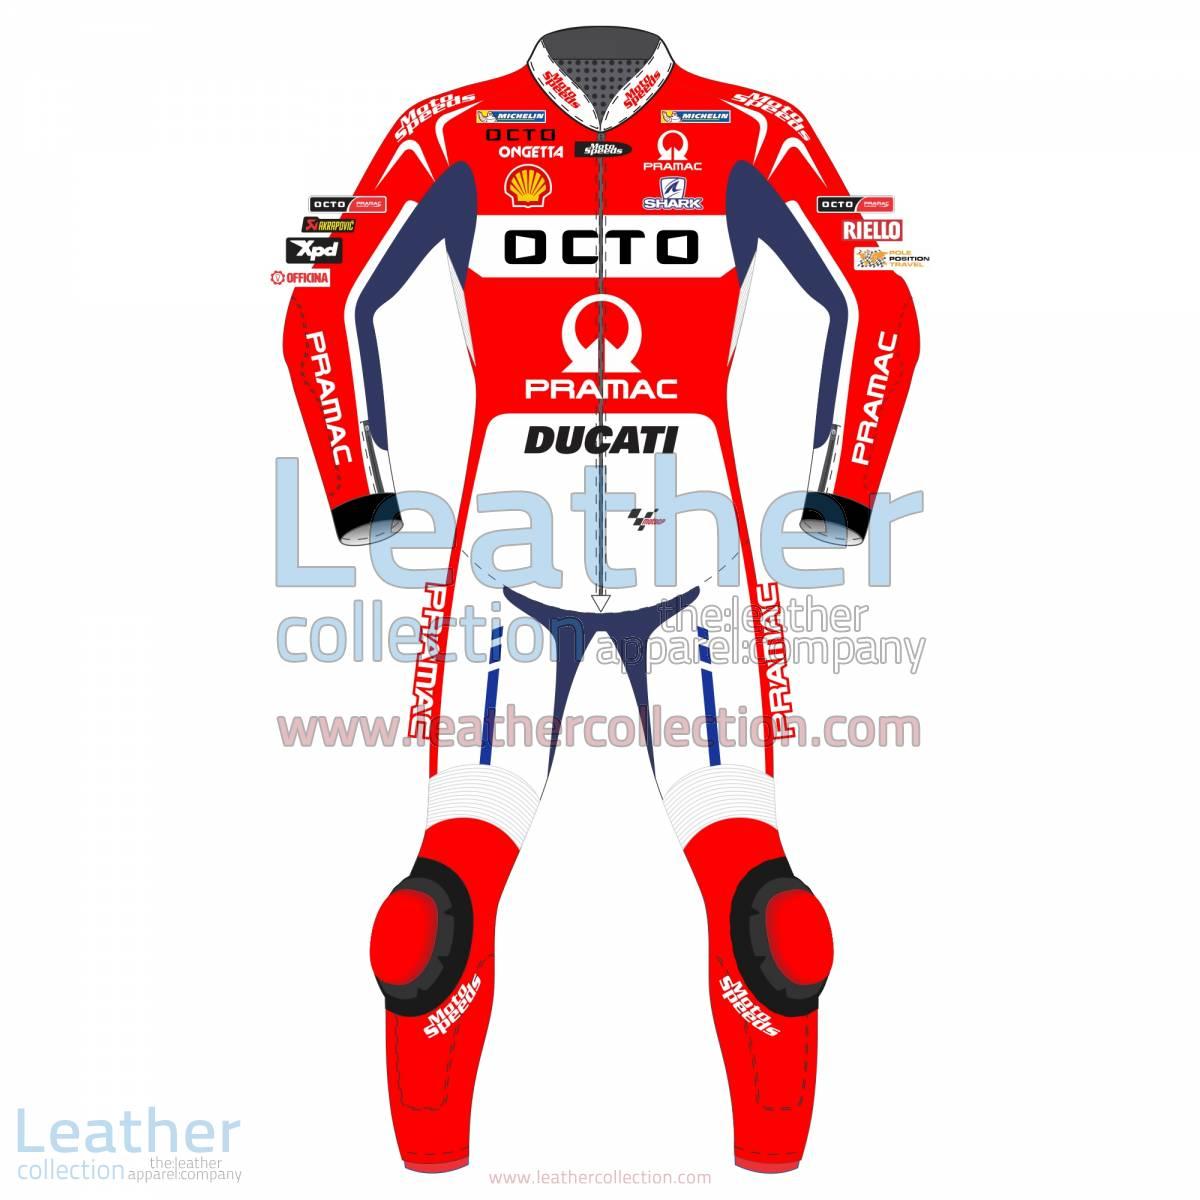 Scott Redding Ducati Pramac 2017 MotoGP Leather Suit | Scott Redding Ducati Pramac 2017 MotoGP Leather Suit